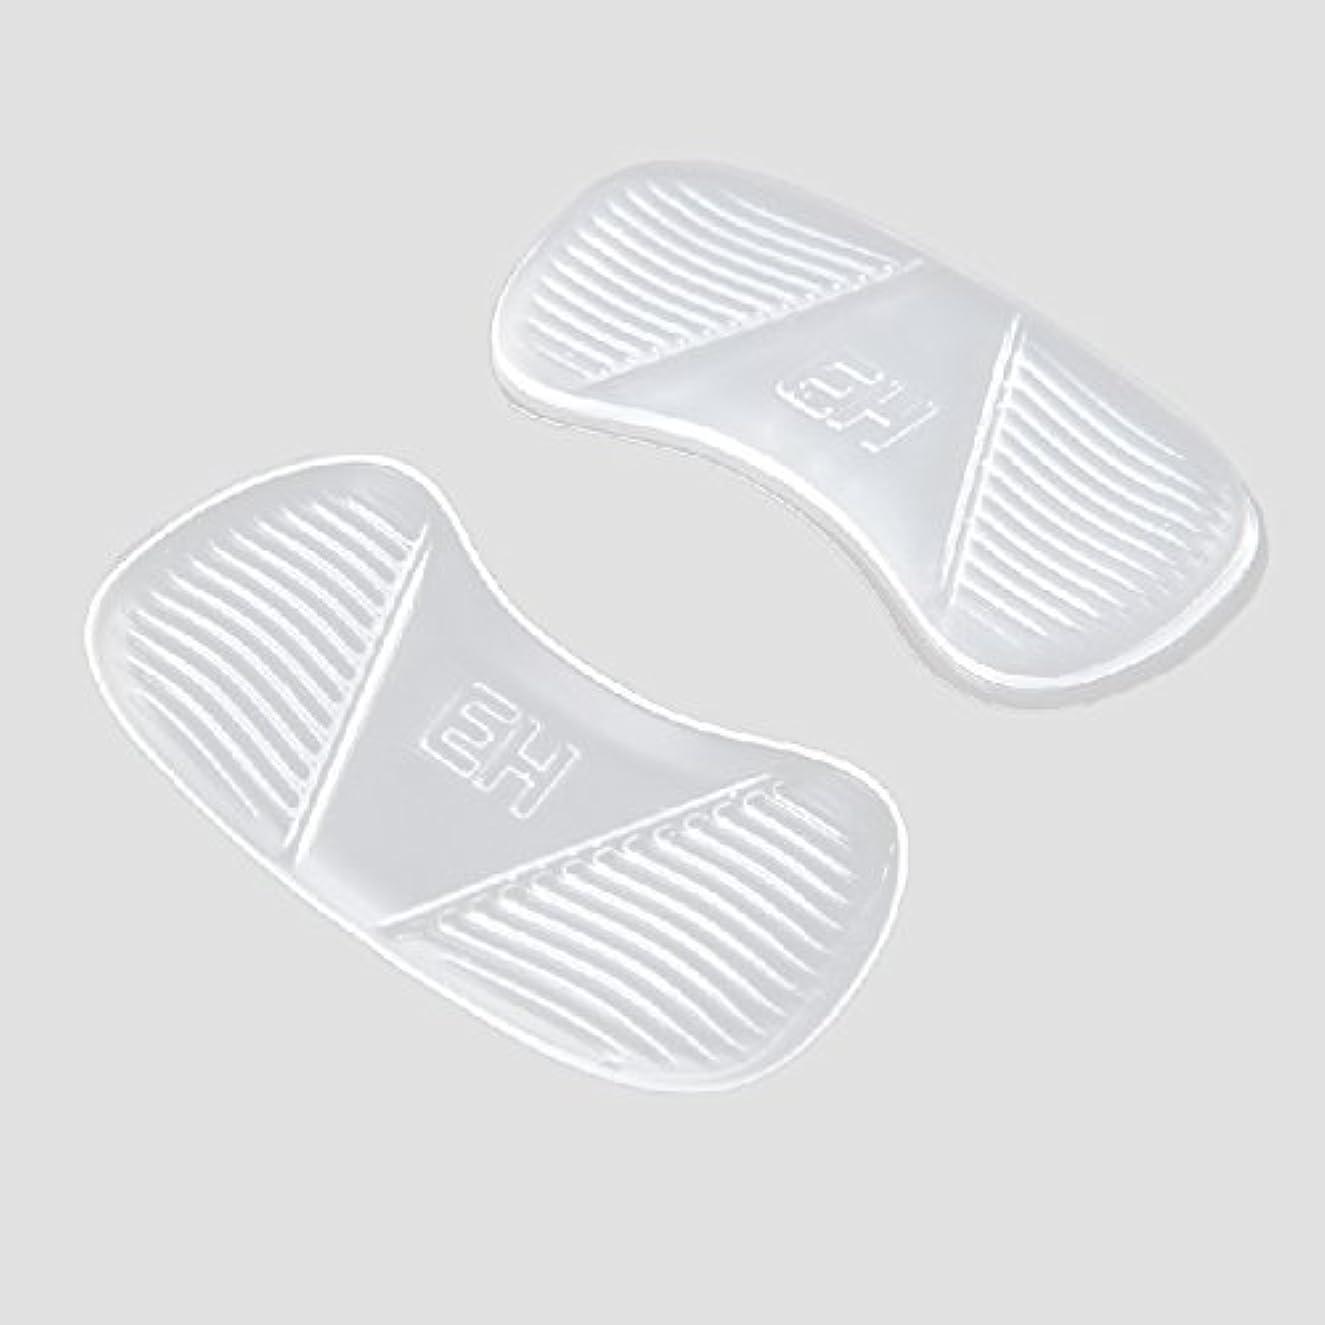 なる生物学熱心なKonmed ヒールバック枕 靴用パッド